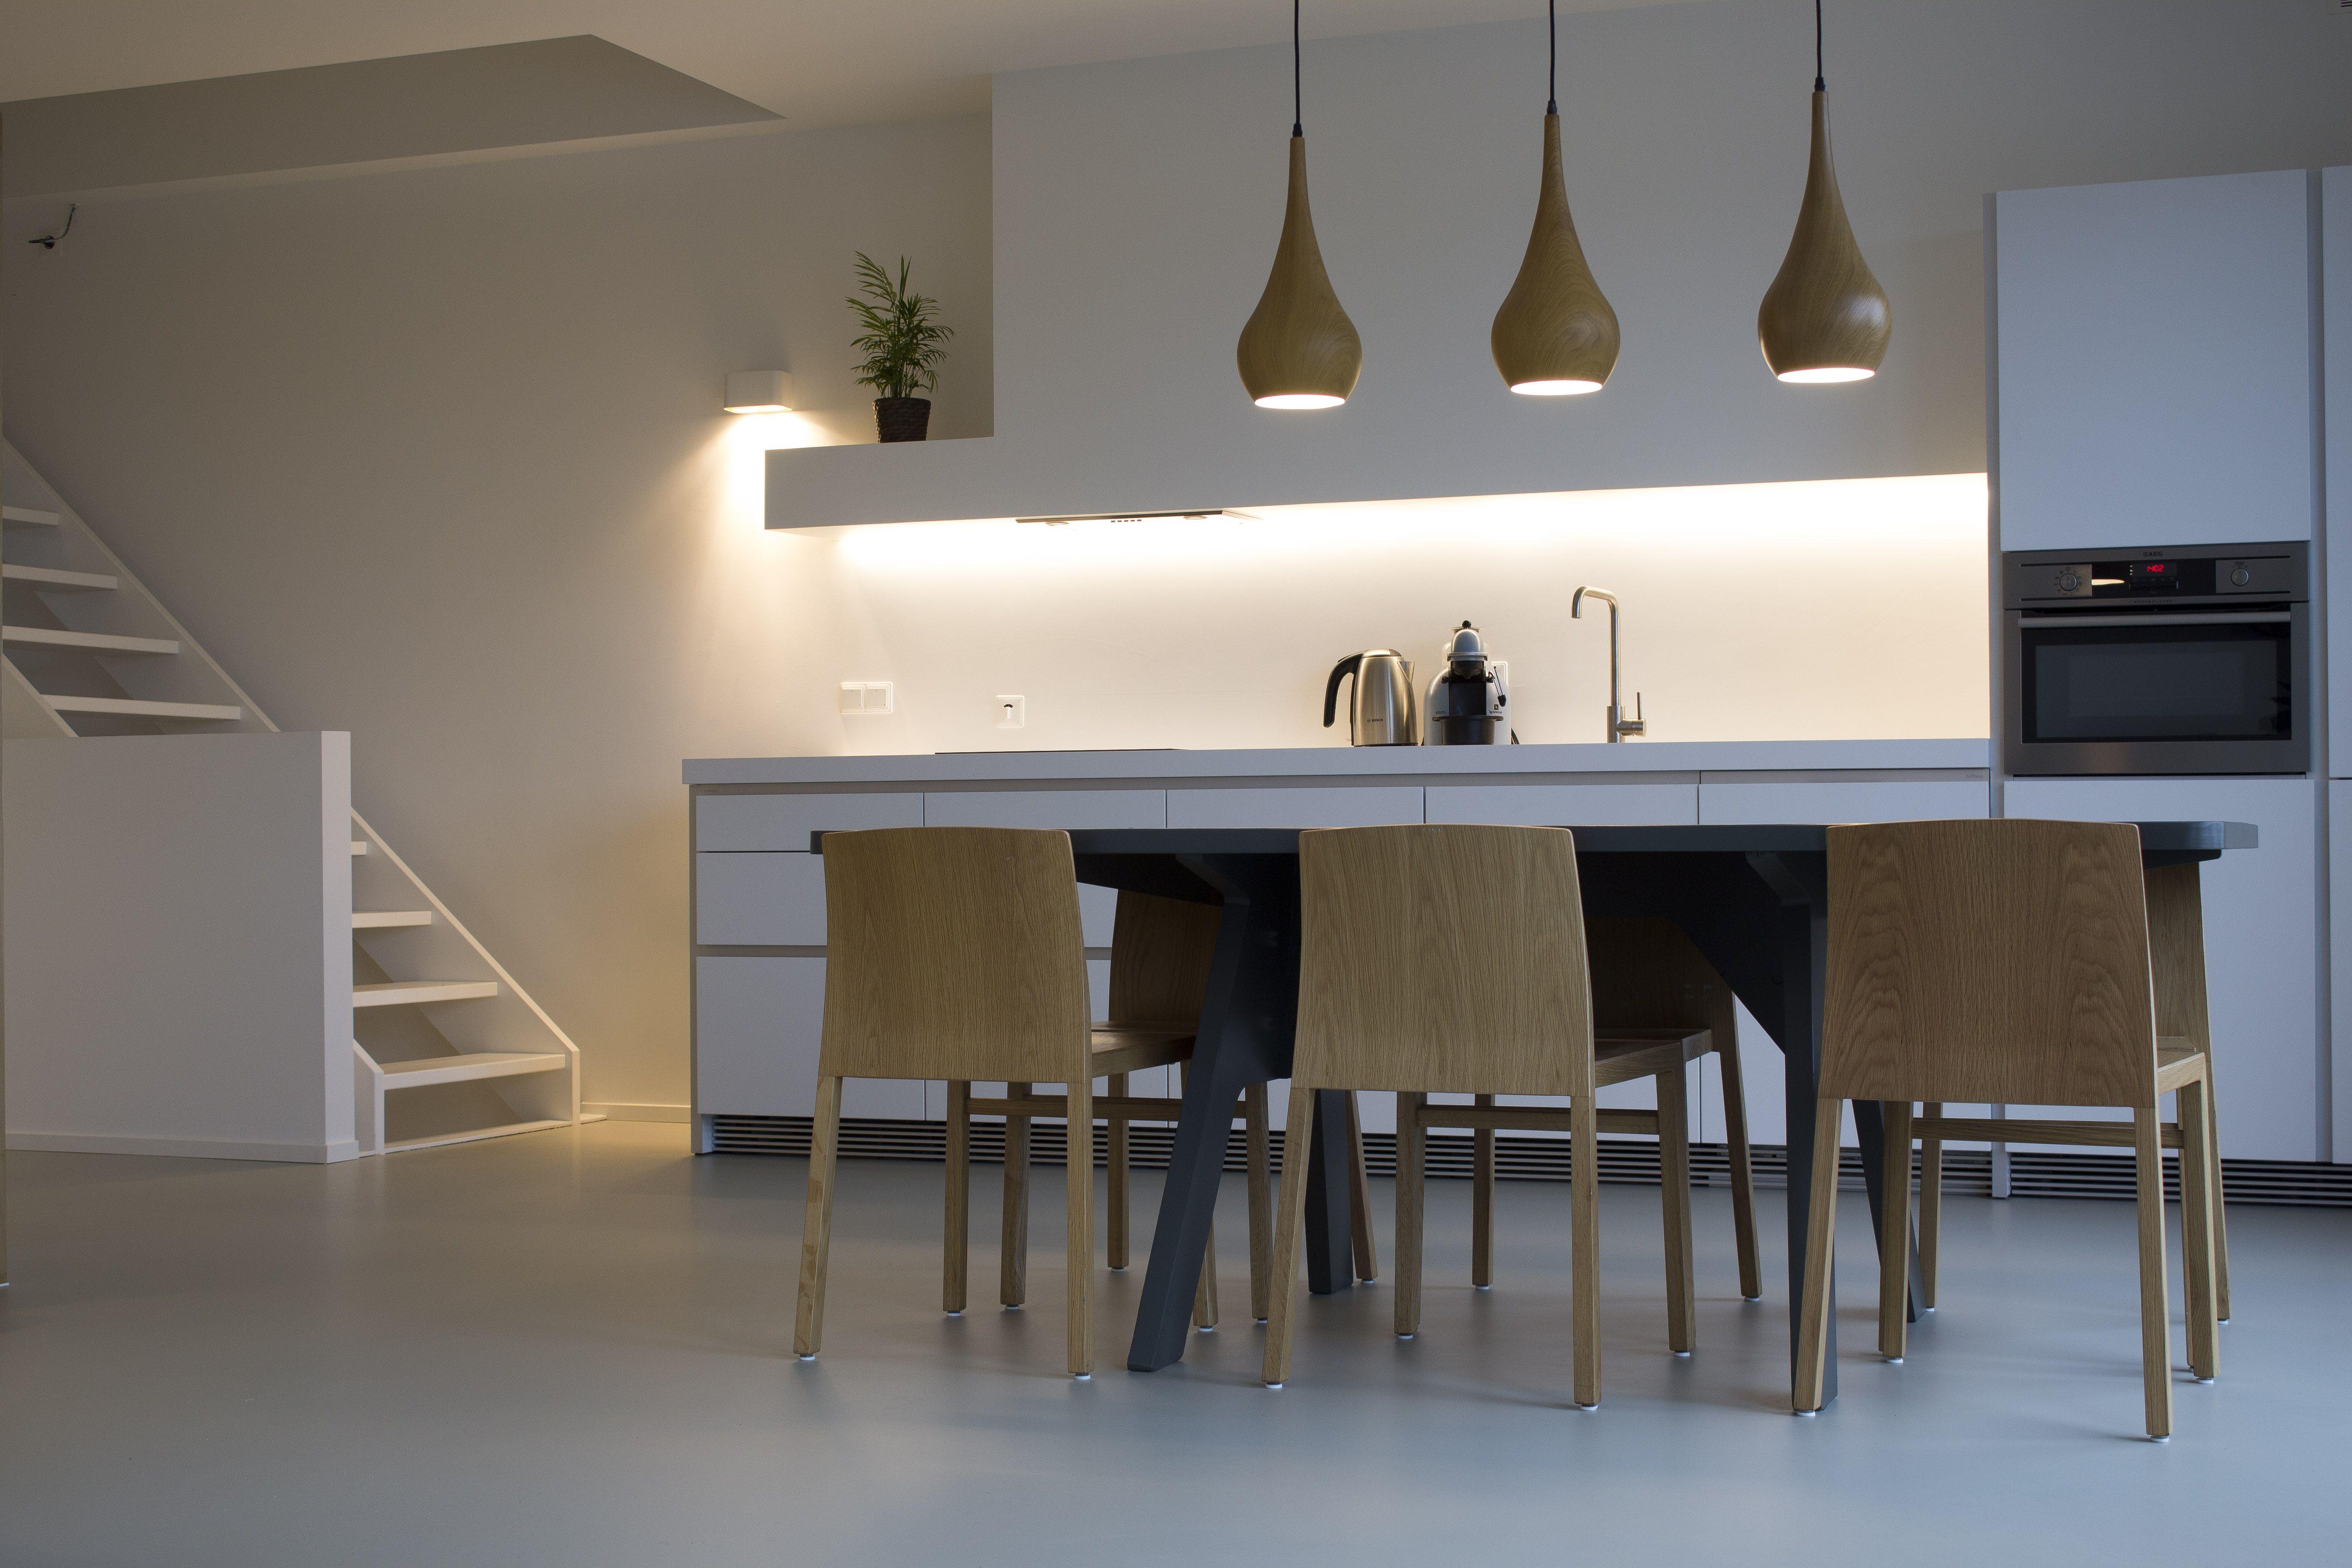 Warme betonlook gietvloer in moderne keuken met natuurlijke